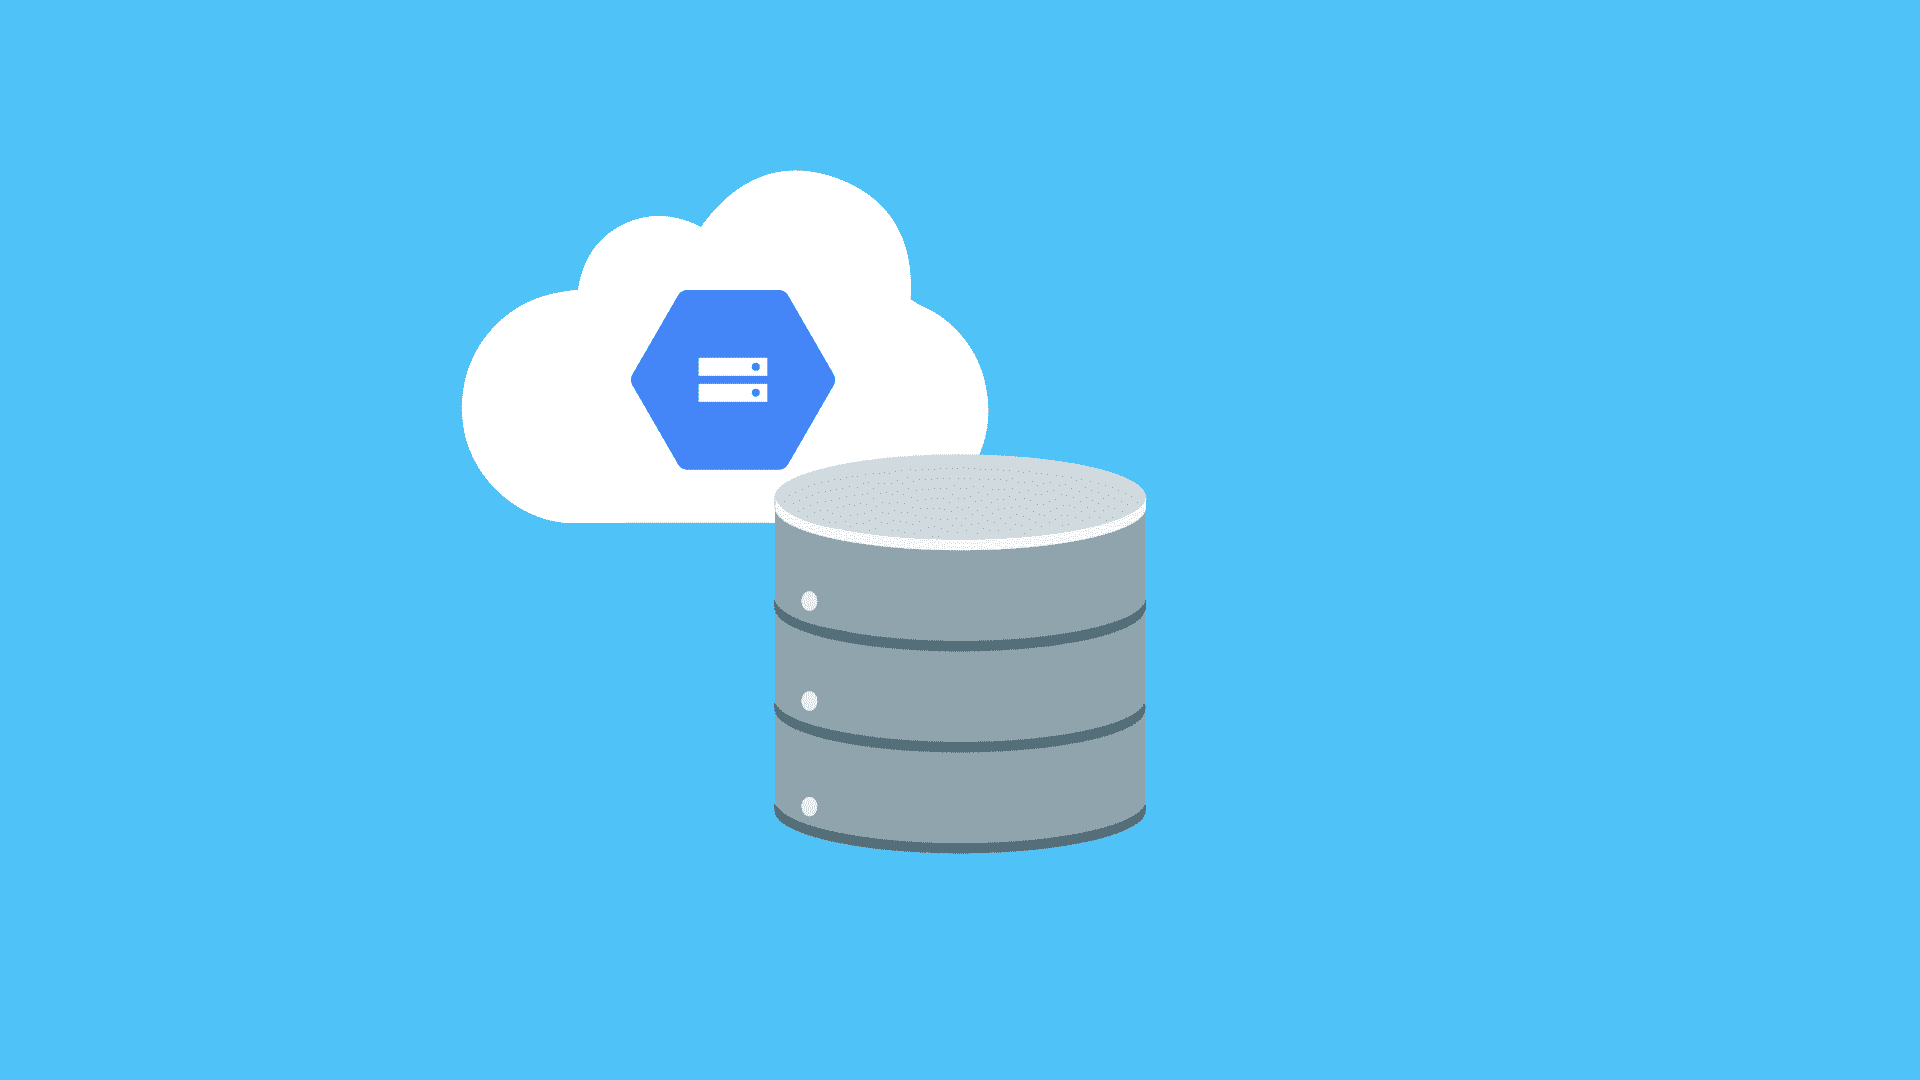 클라우드 데이터베이스